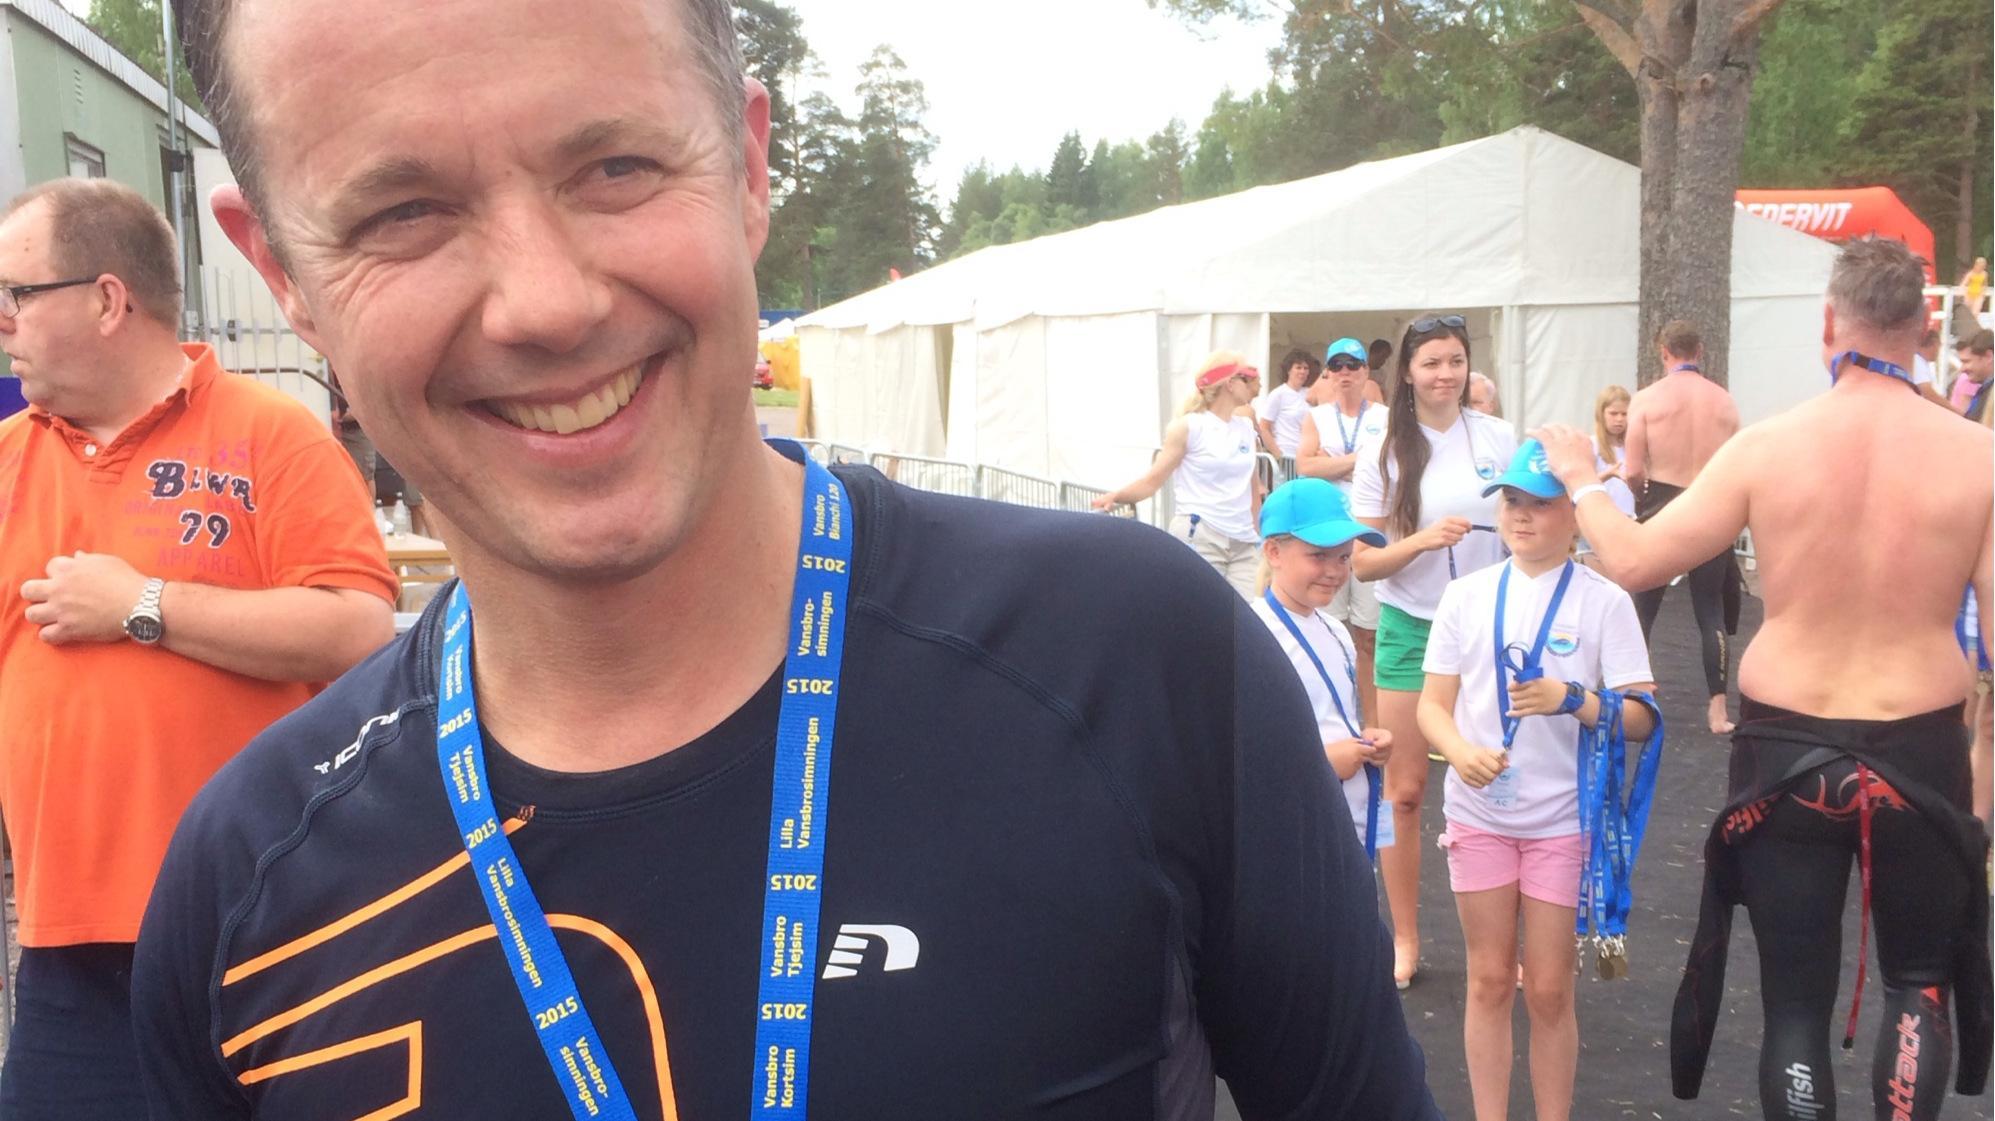 Kronprins Frederik deltager i svensk ekstrem-svømme-løb.jpg